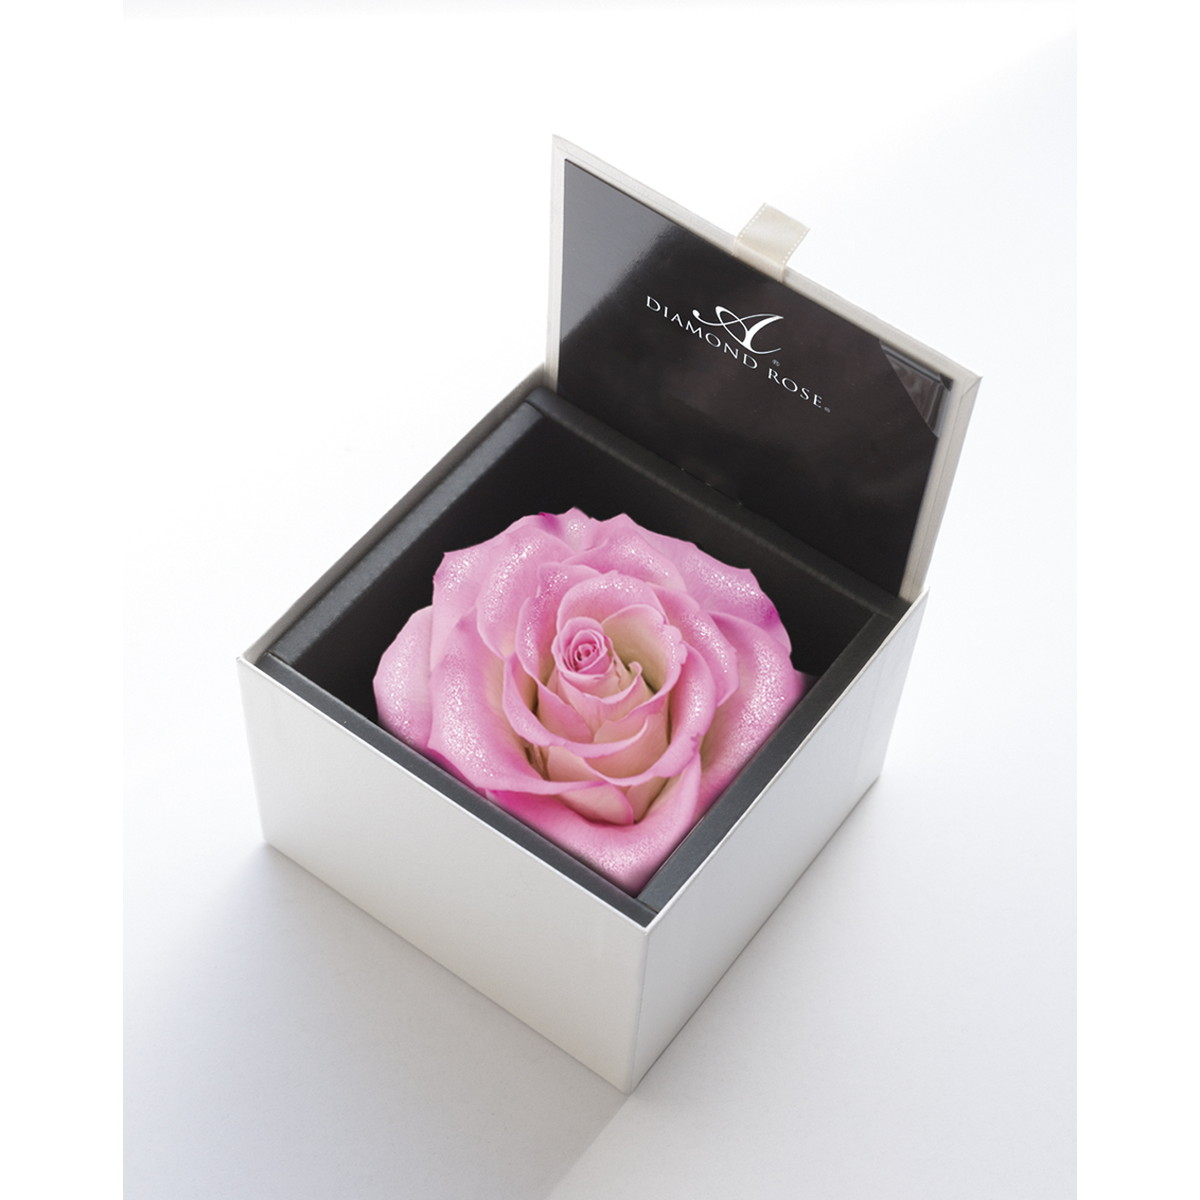 【プリザーブドフラワー】アモローサ/ダイヤモンドローズボックス 105(箱:ホワイト) パリスピンク/1206-22【07】【取寄】[6箱]